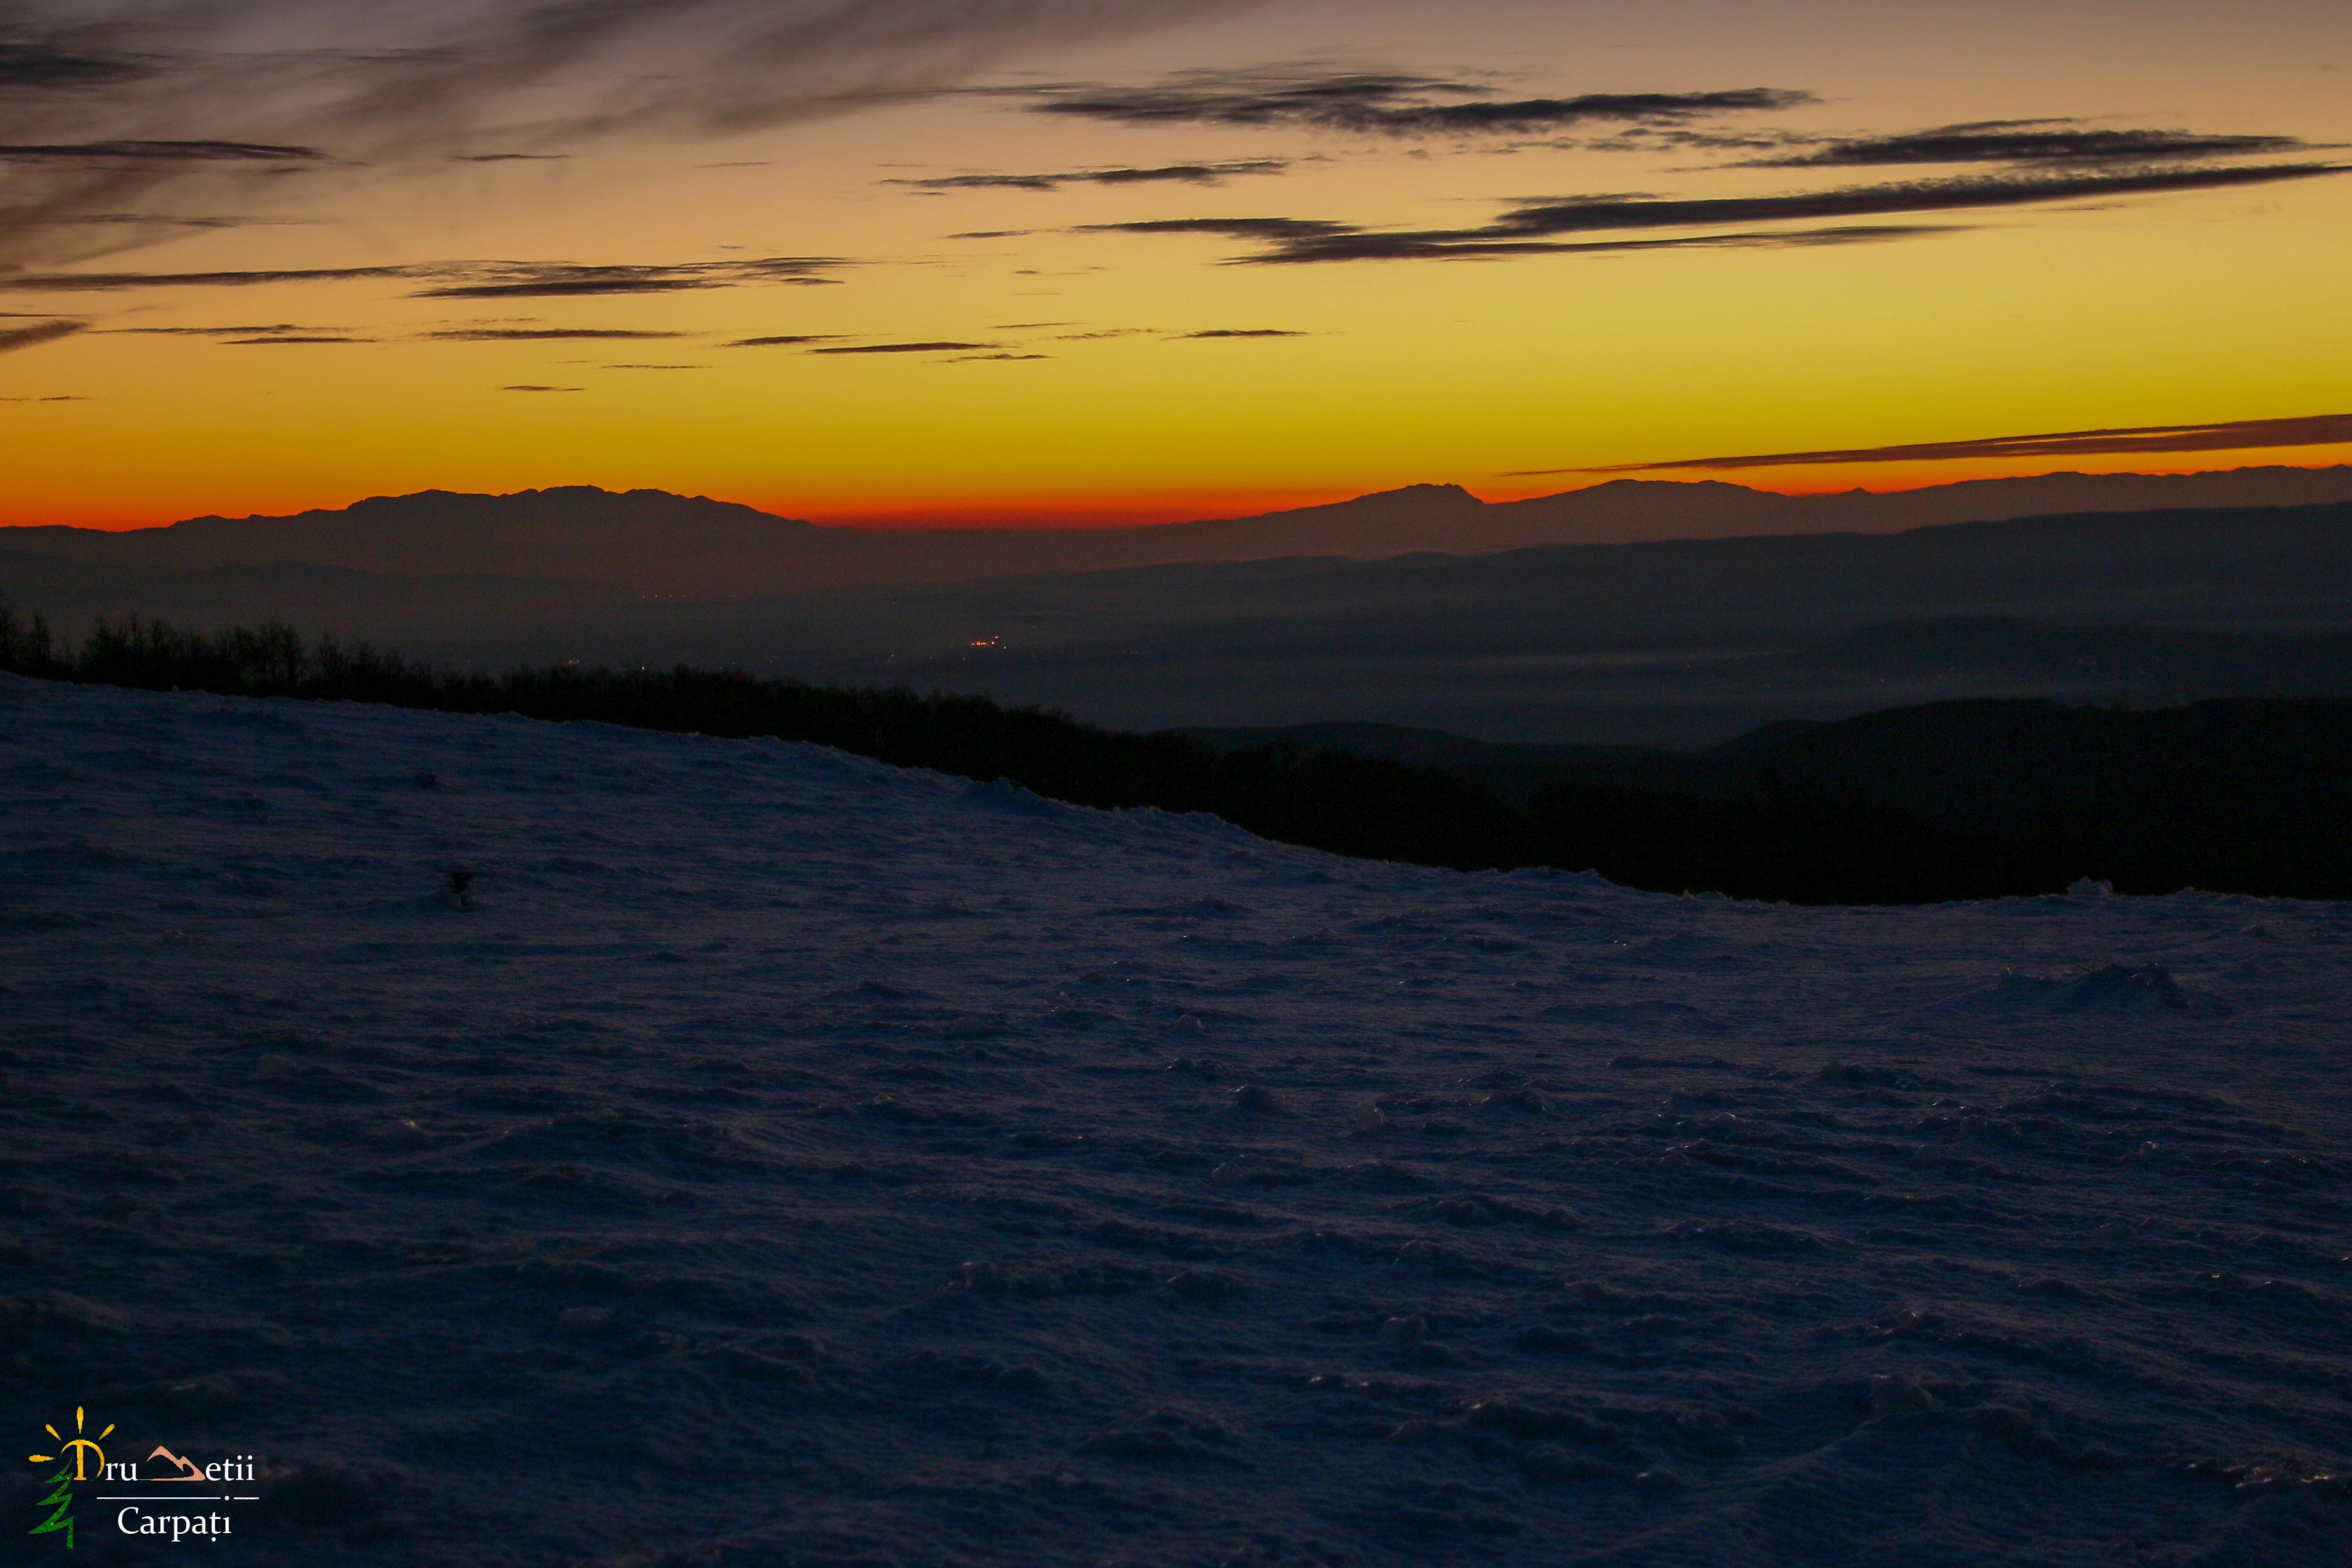 Aventură de iarnă pe rachete, cu răsfăț la băi @ Munții Bodoc